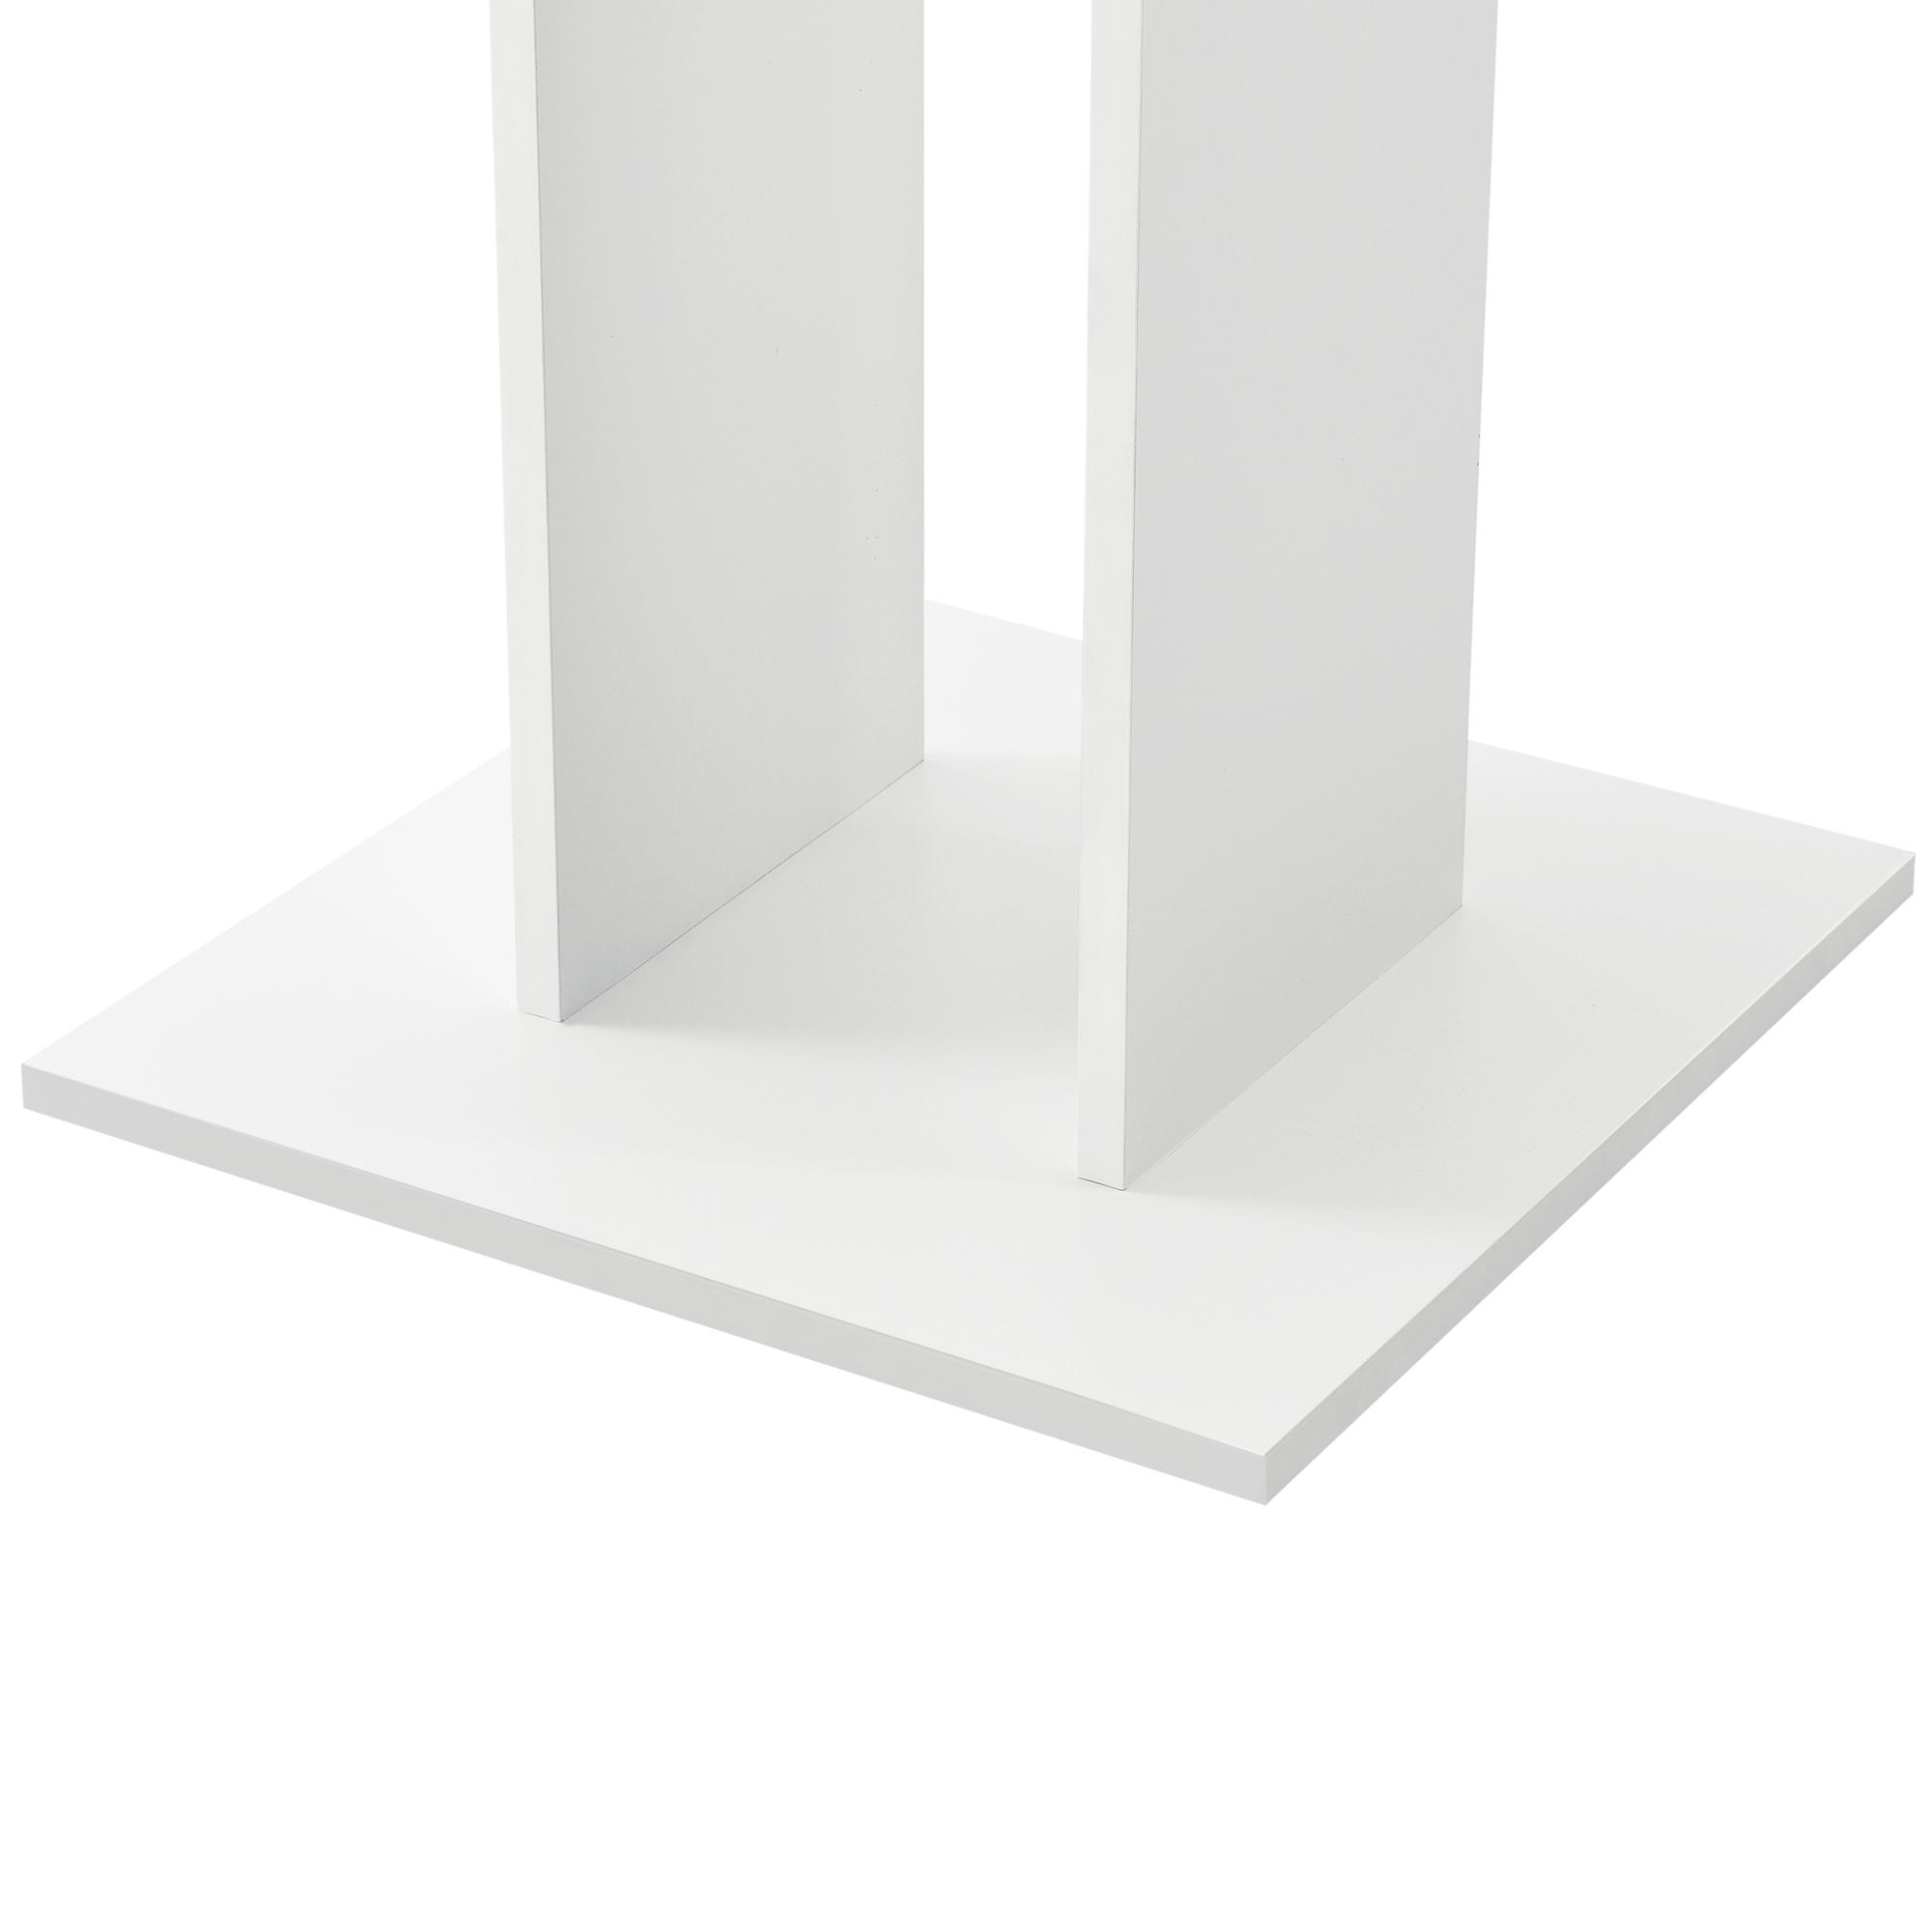 B-WARE Esszimmertisch Esstisch Tisch Küchentisch Bürotisch 78x65x65cm Beton